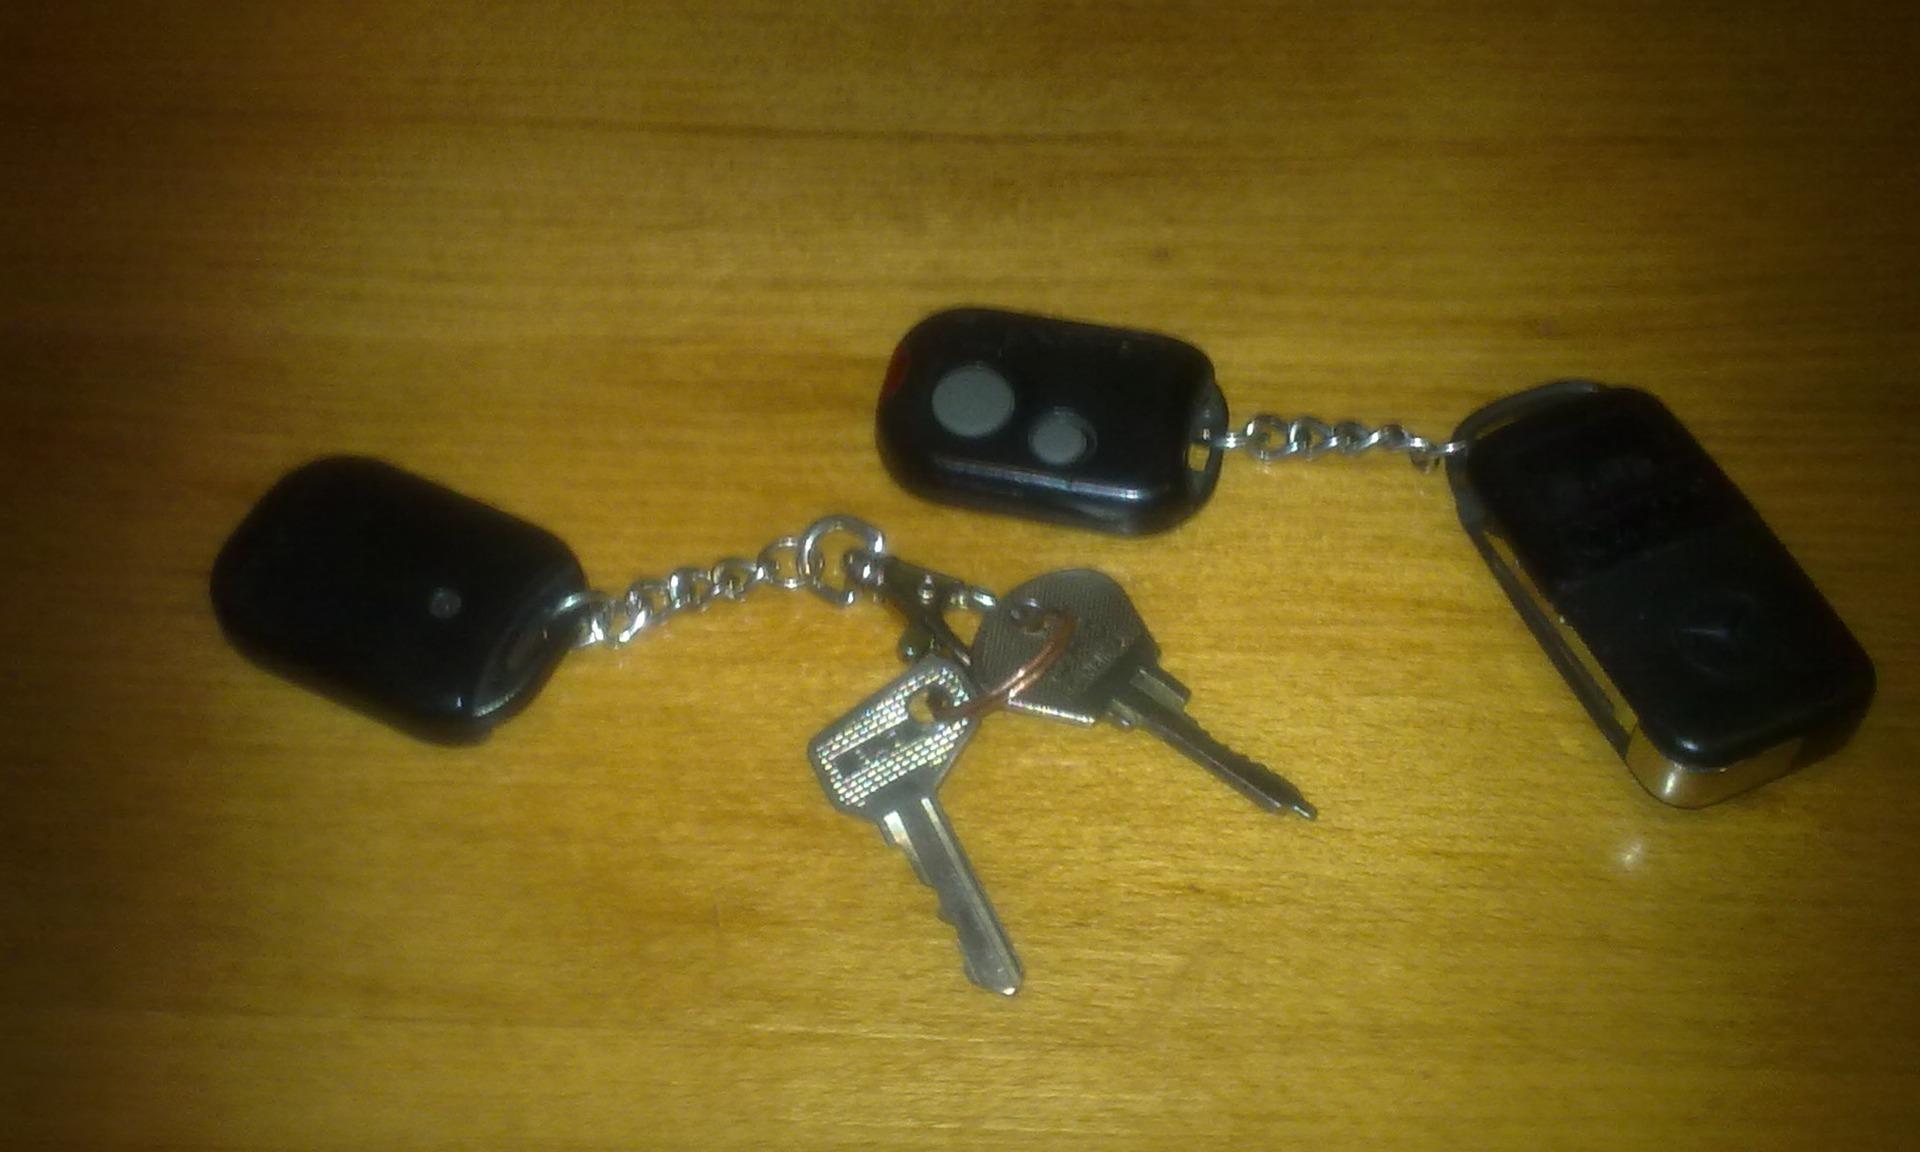 Выкидной ключ для ваз своими руками бортжурнал Лада 2112 79